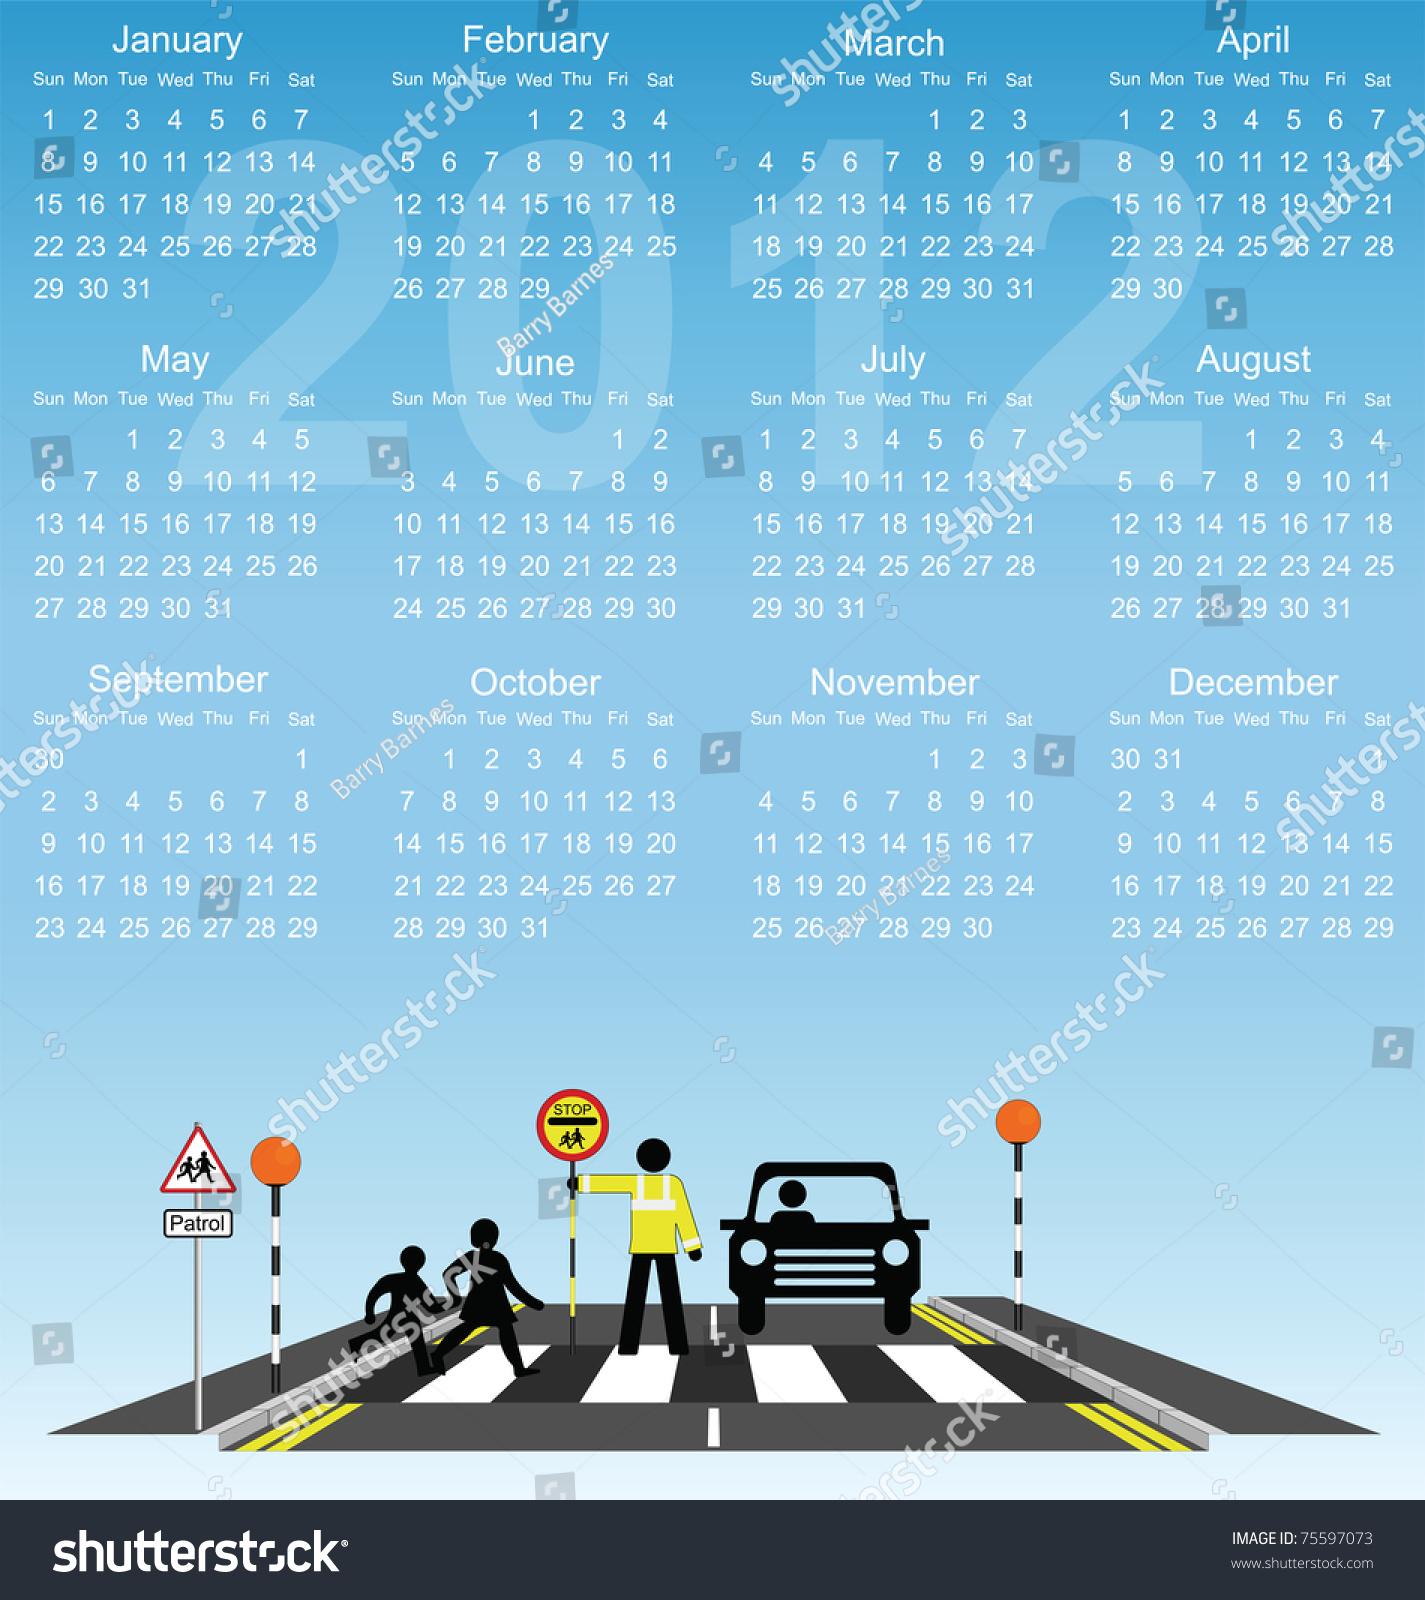 Kids Safety Calendar : Calendar children school cross road stock